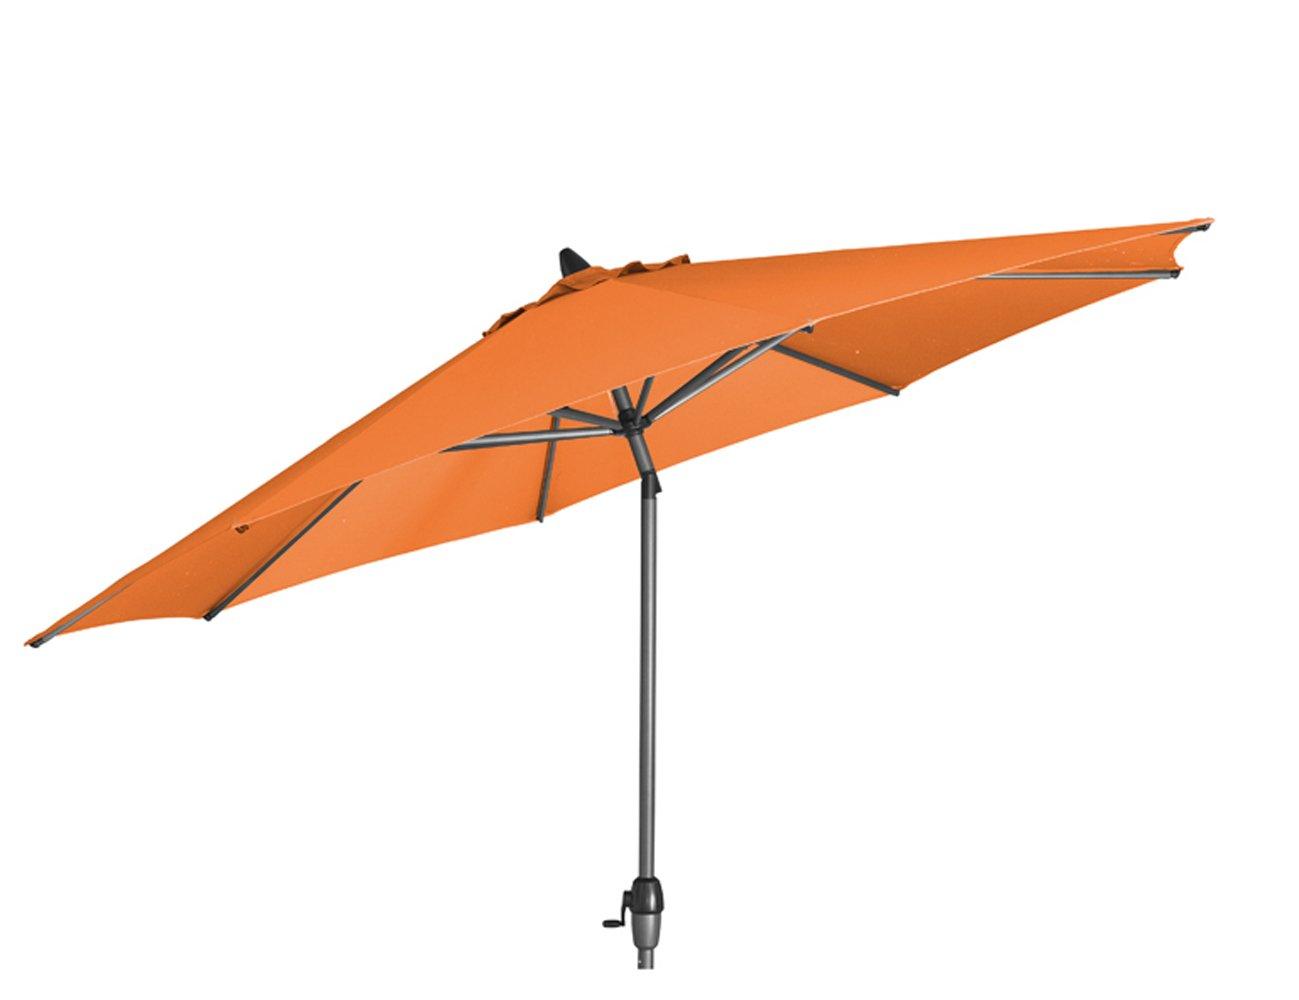 Siena Garden 673226 Azaro Marktschirm Bezug orange Gestell anthrazit Ø 300 cm